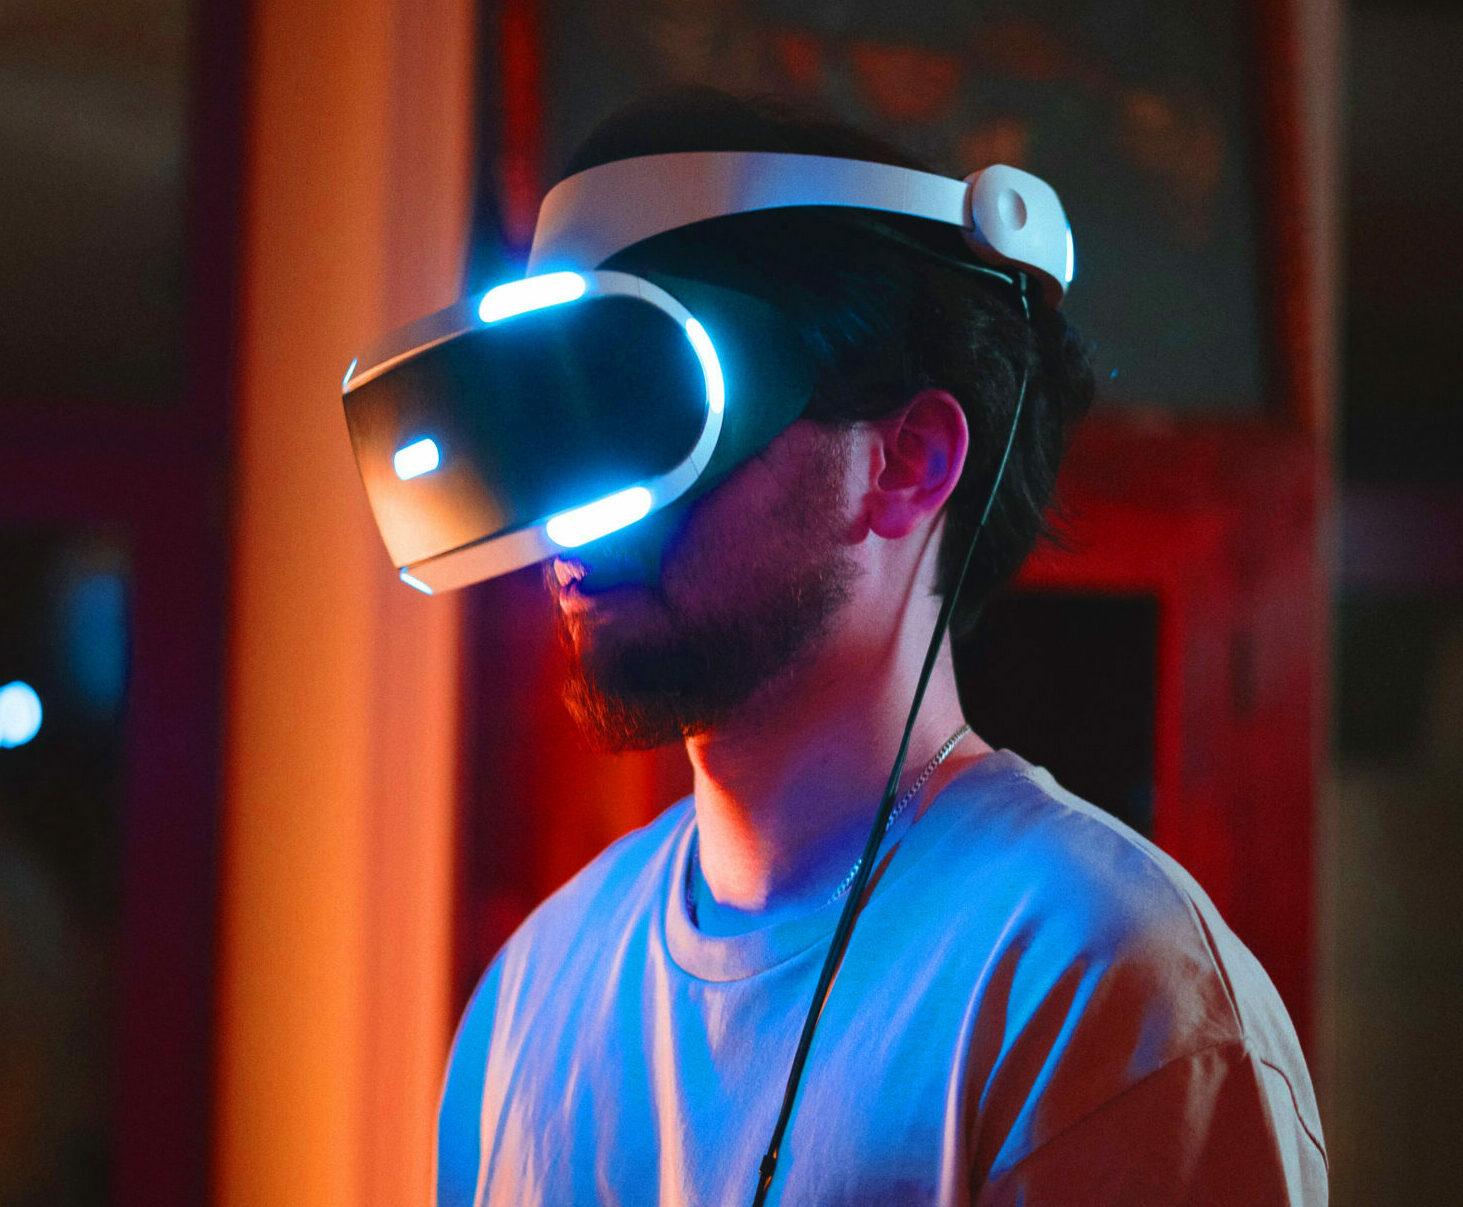 VR Flight Simulator Headset